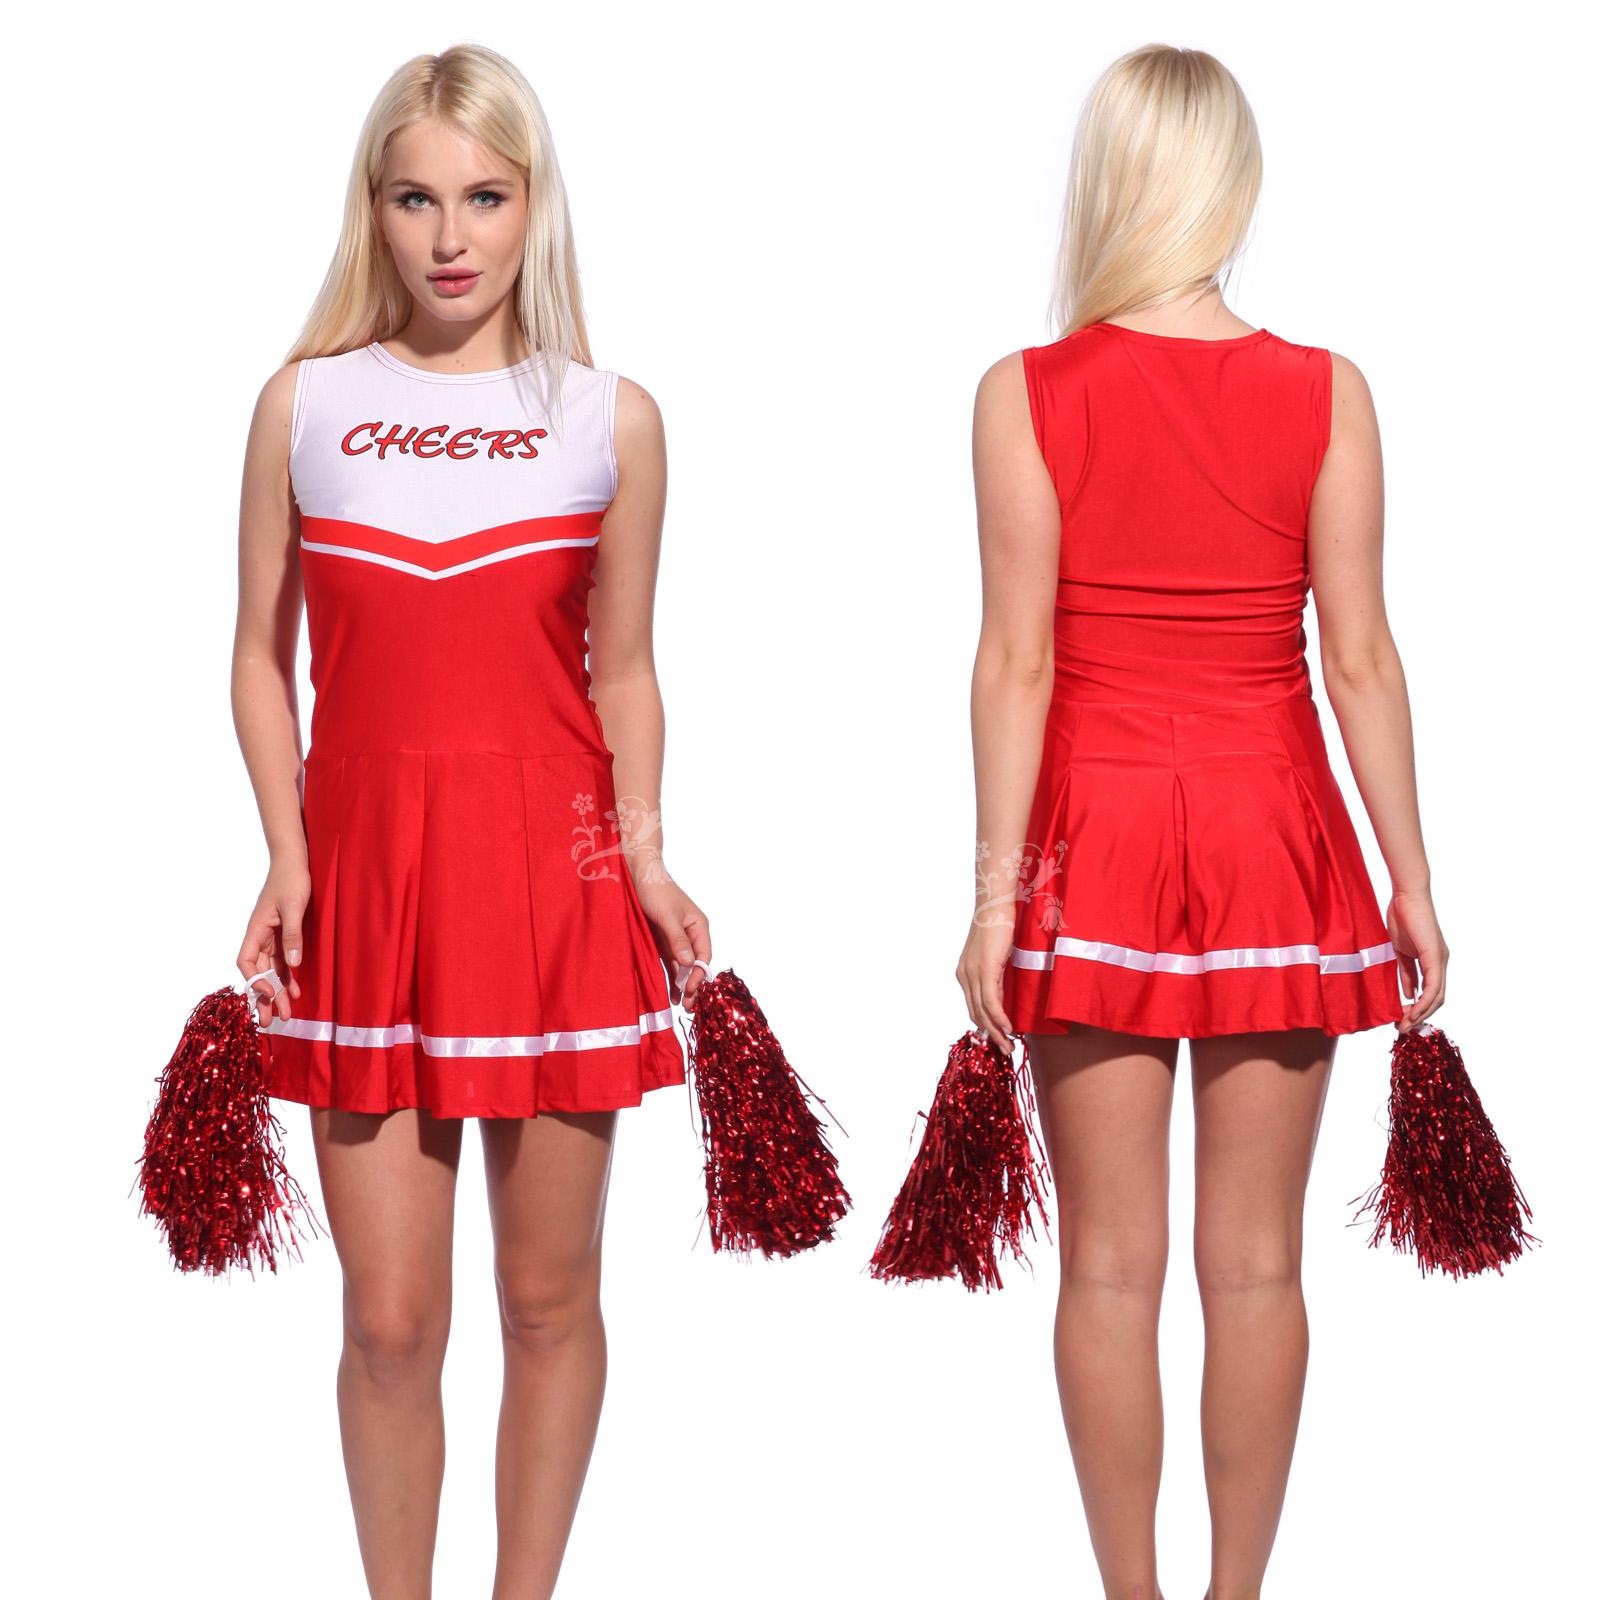 2tlg m dchen damen cheerleader kost m uniform mit pompins gogo cheerleading rot ebay. Black Bedroom Furniture Sets. Home Design Ideas